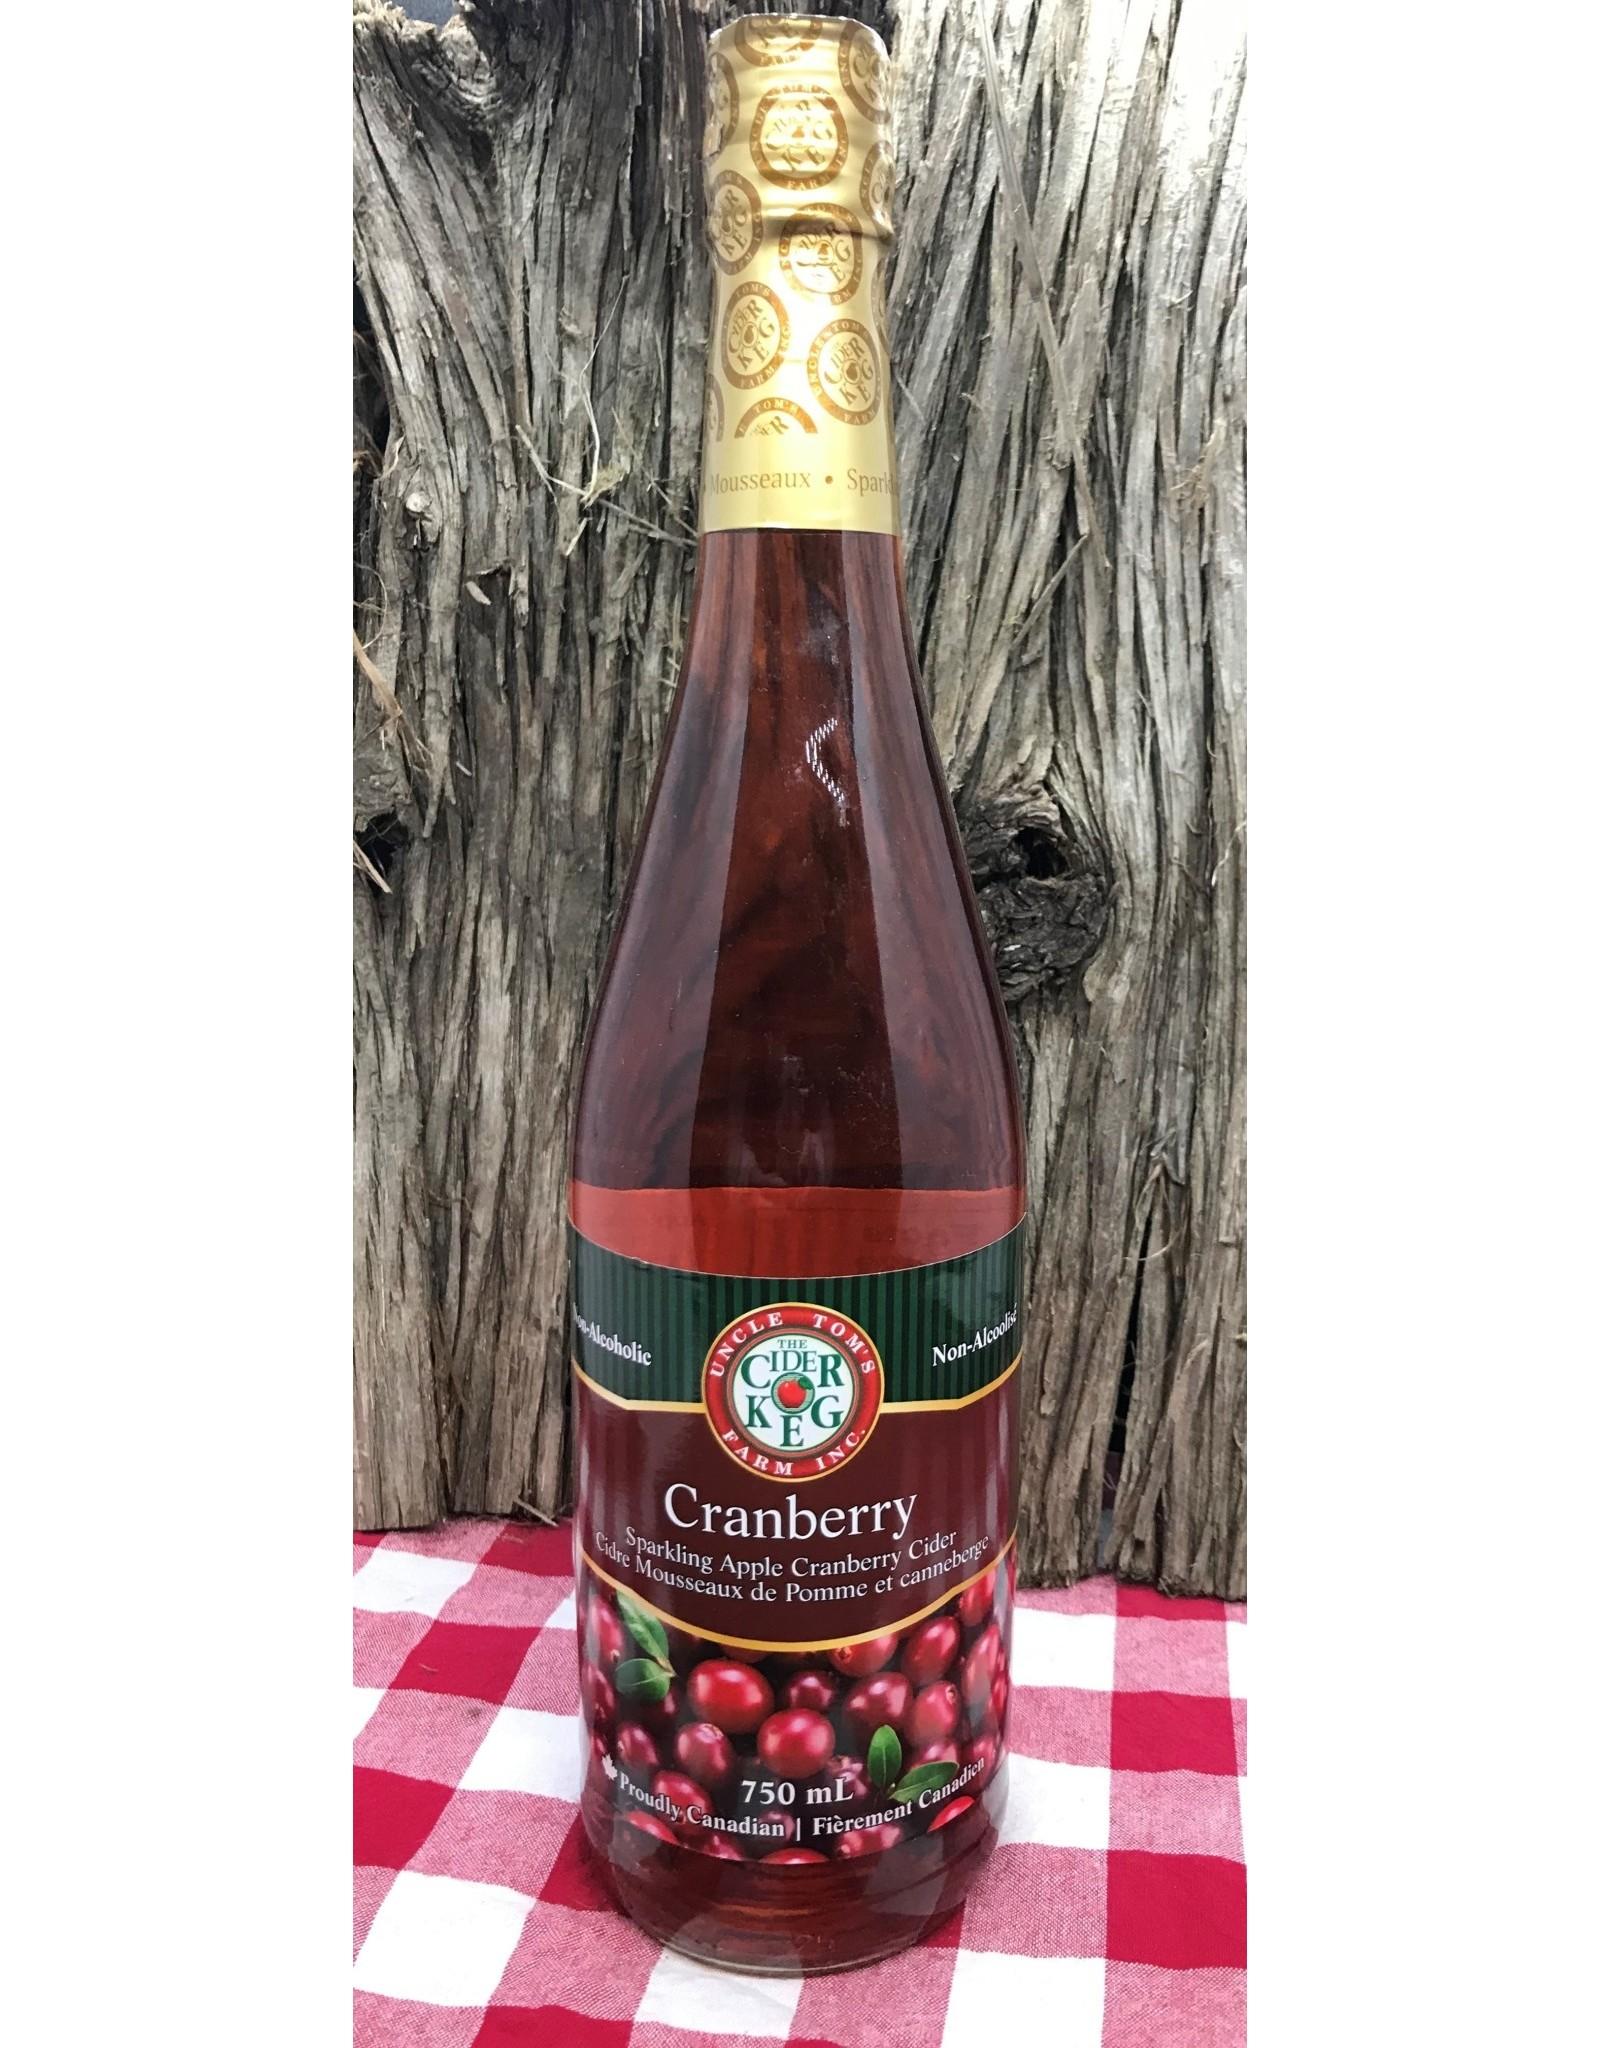 Cider Keg Sparkling Cider (non-alcoholic)